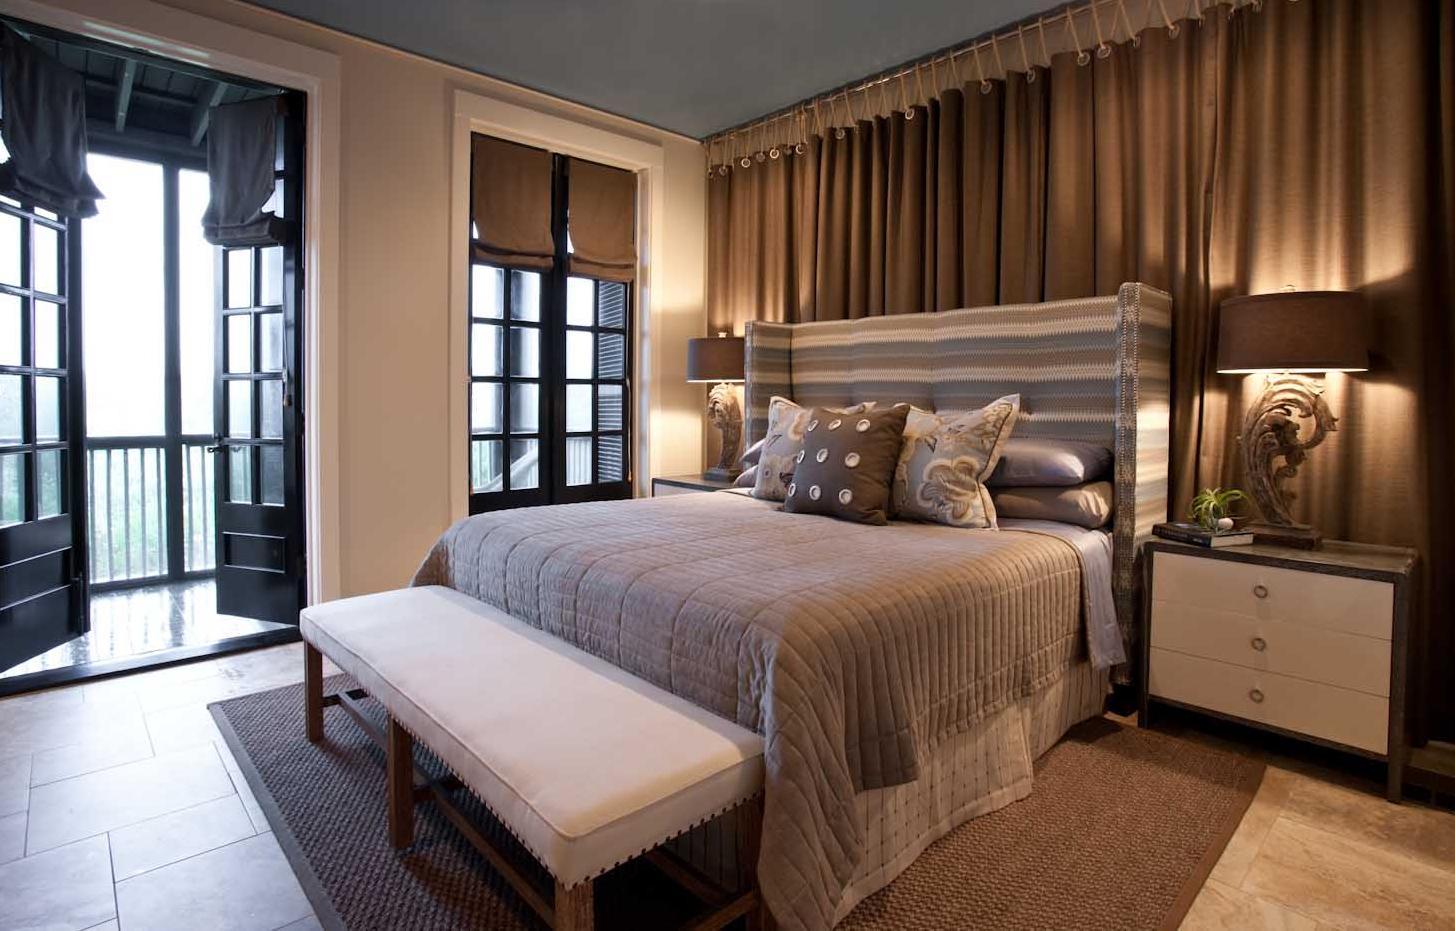 дизайн интерьера спальни.jpg